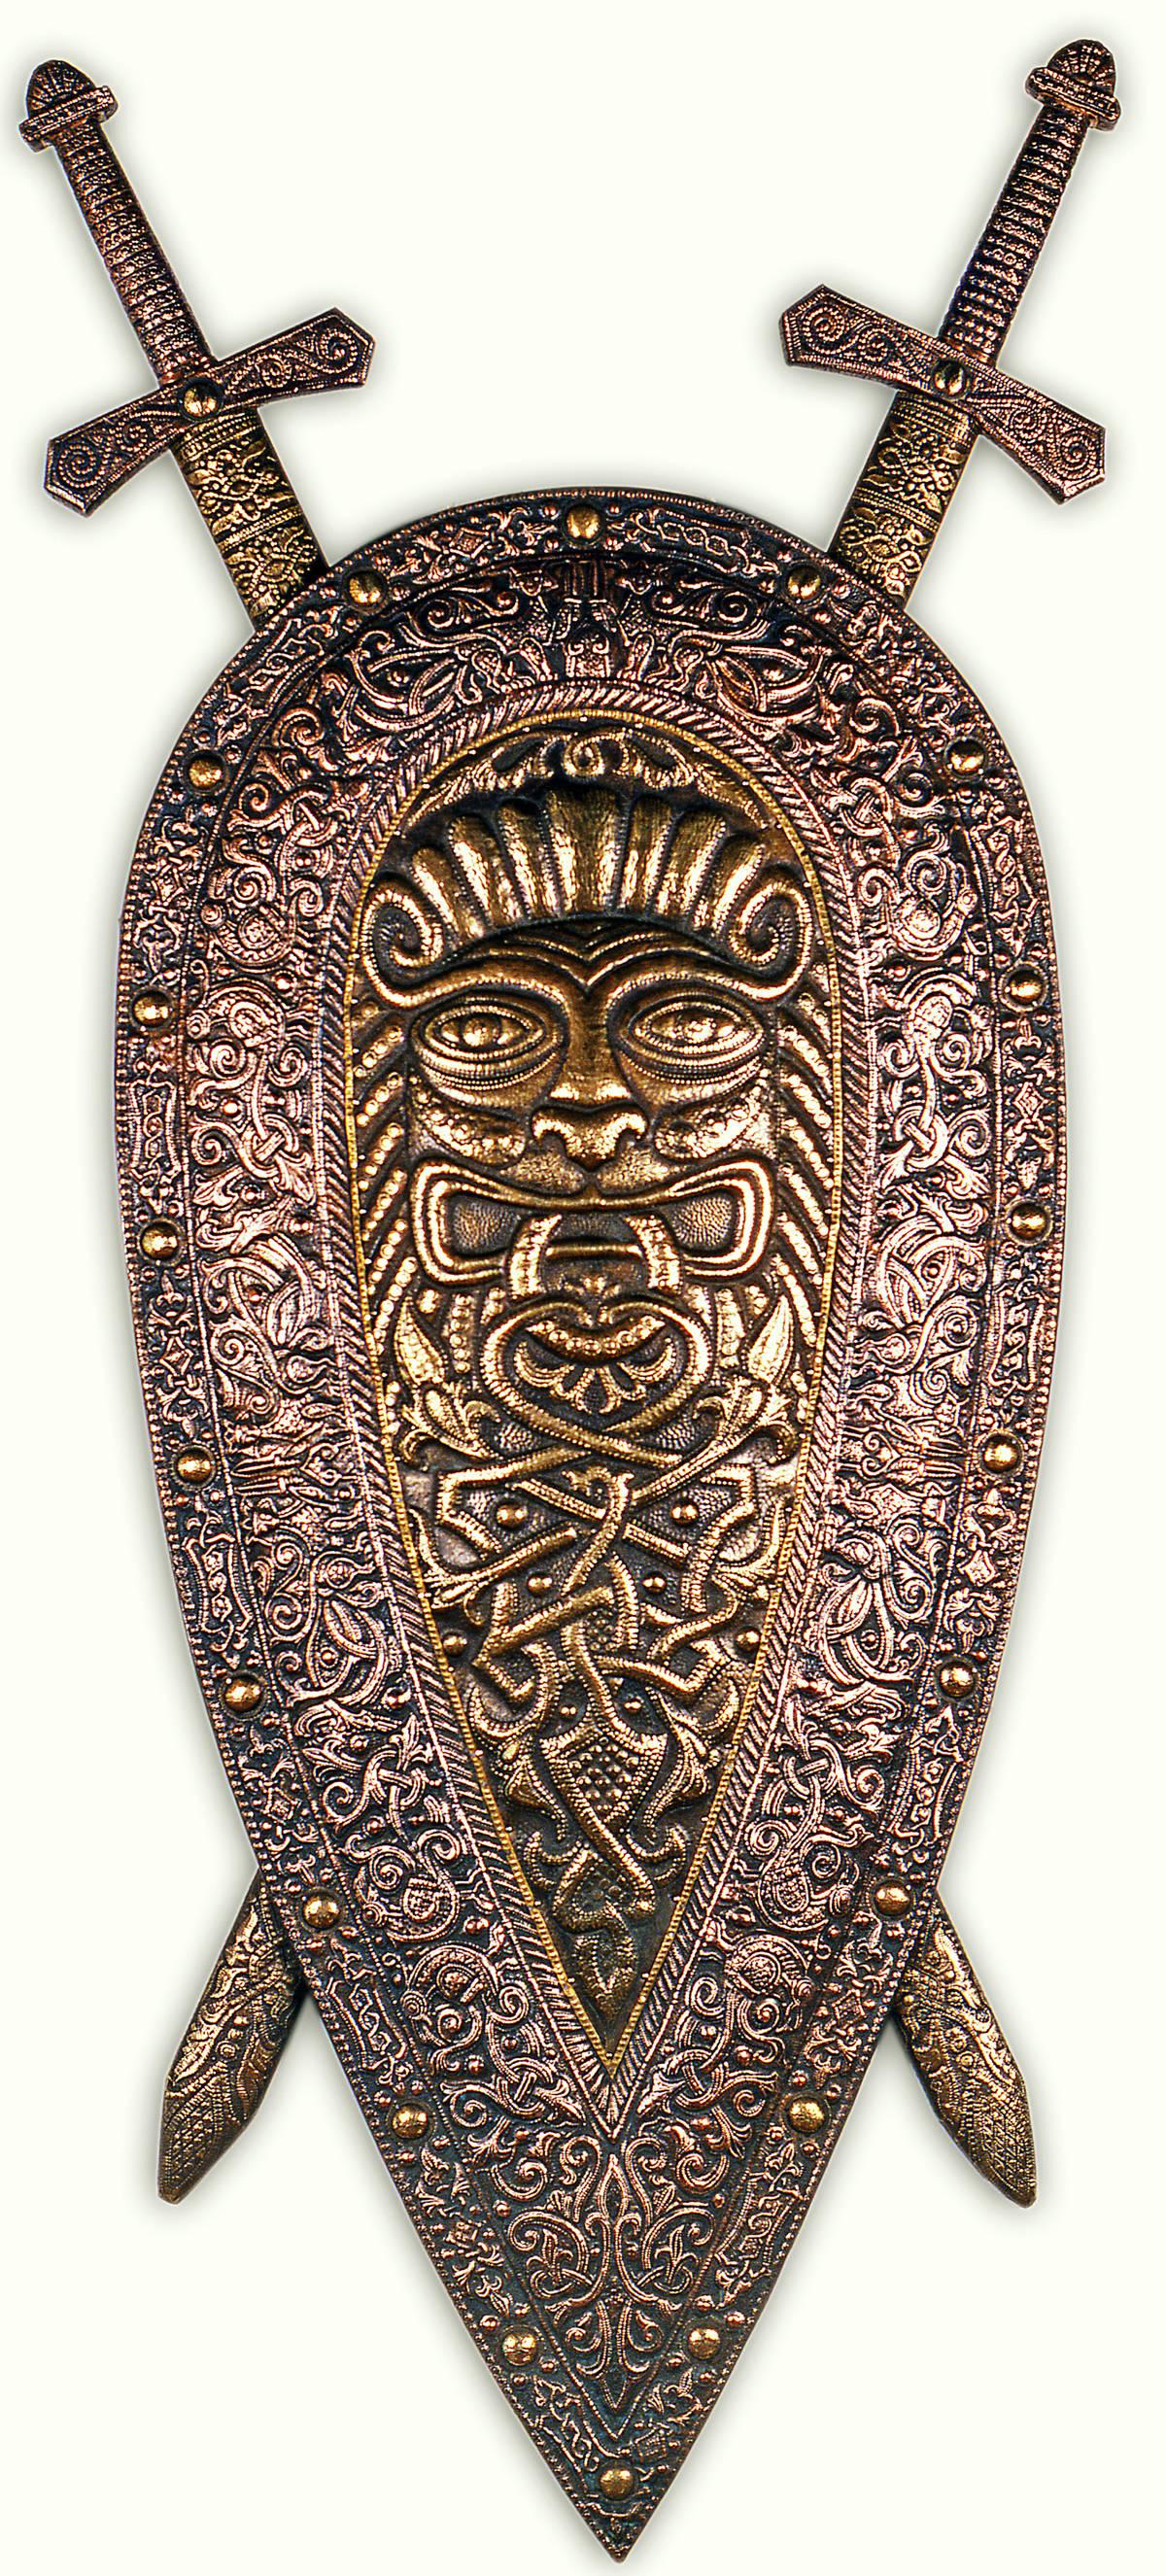 Богатырский (миндалевидный щит с мечами) 1991 г. Медь, латунь; чернение 160 х 70 см (с мечами 185 х 90 см)